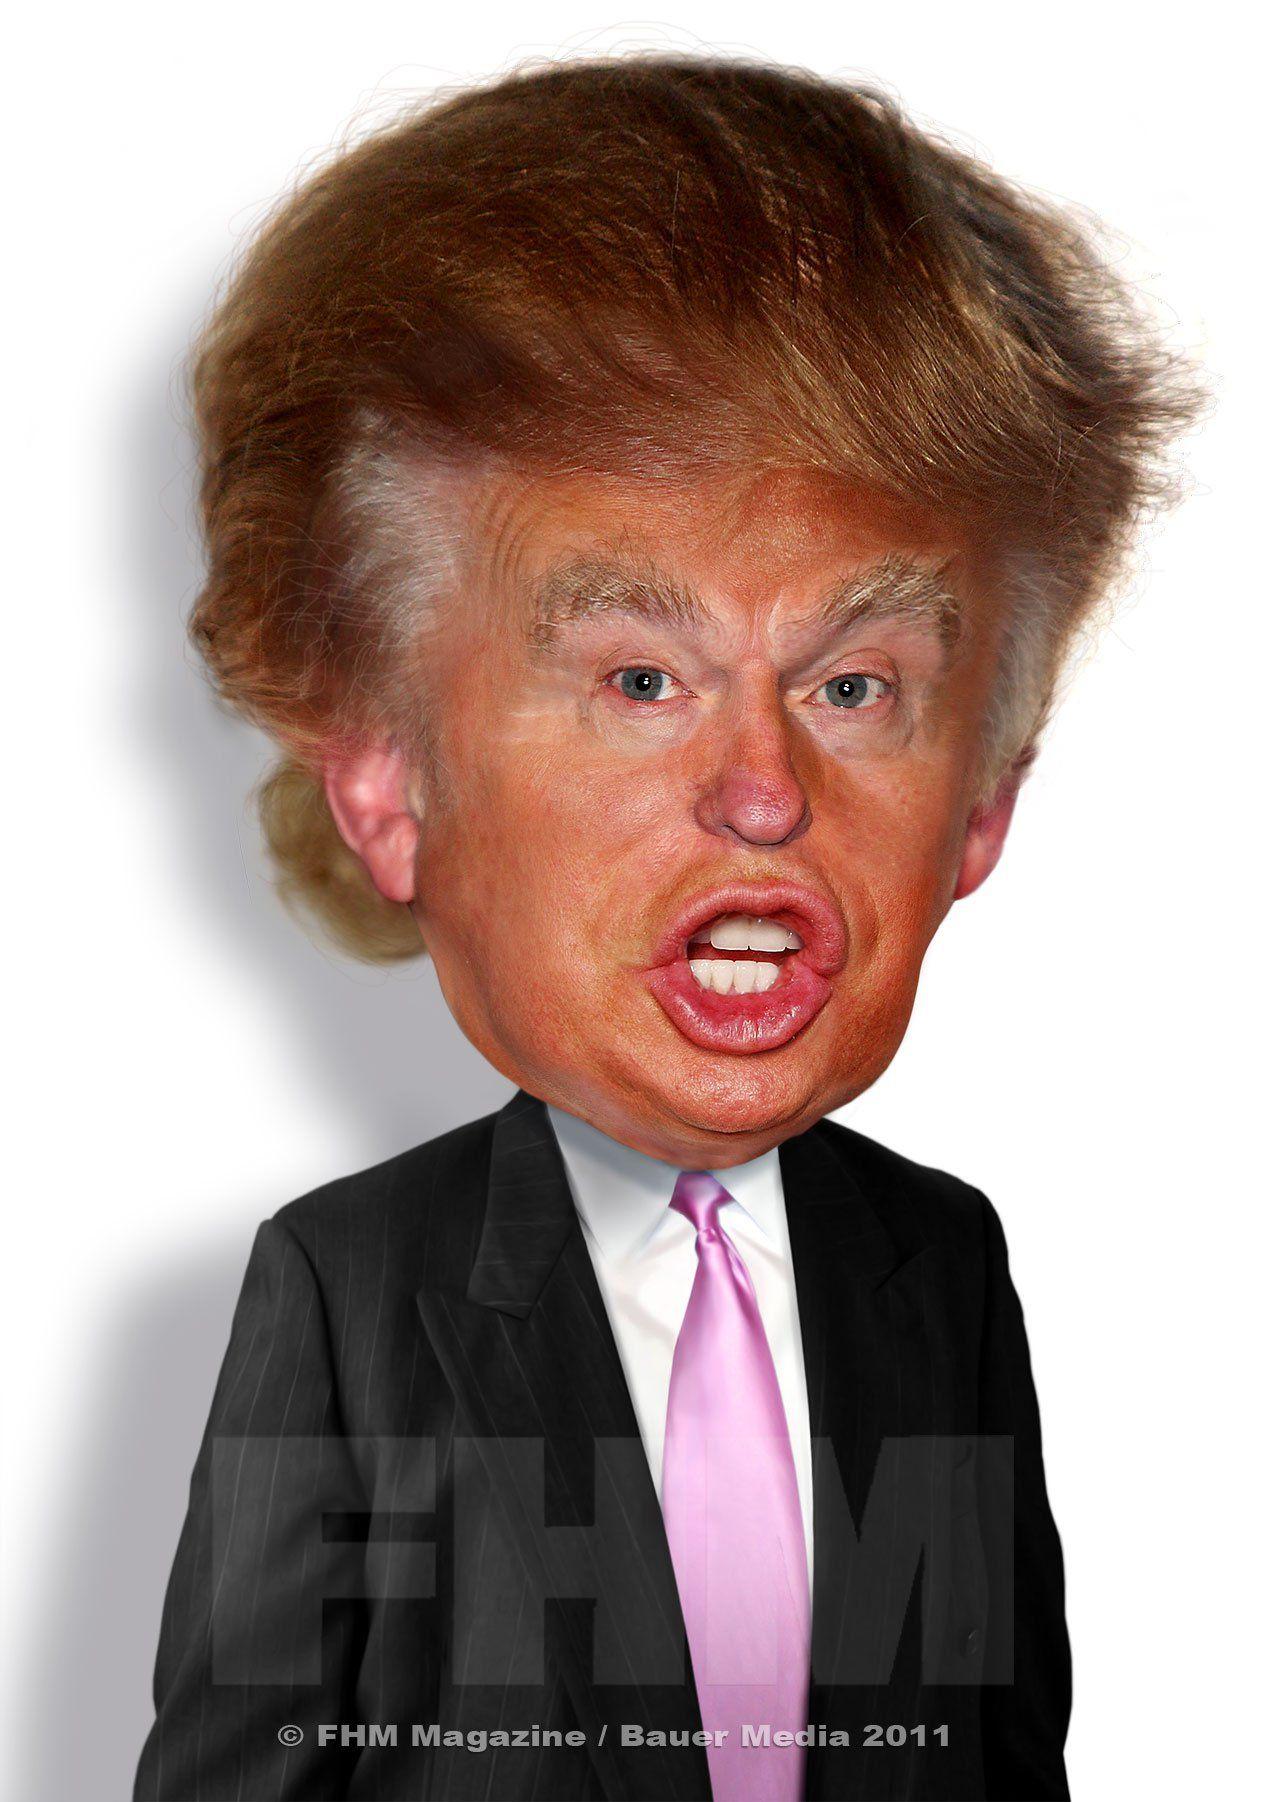 how to draw donald trump cartoon face